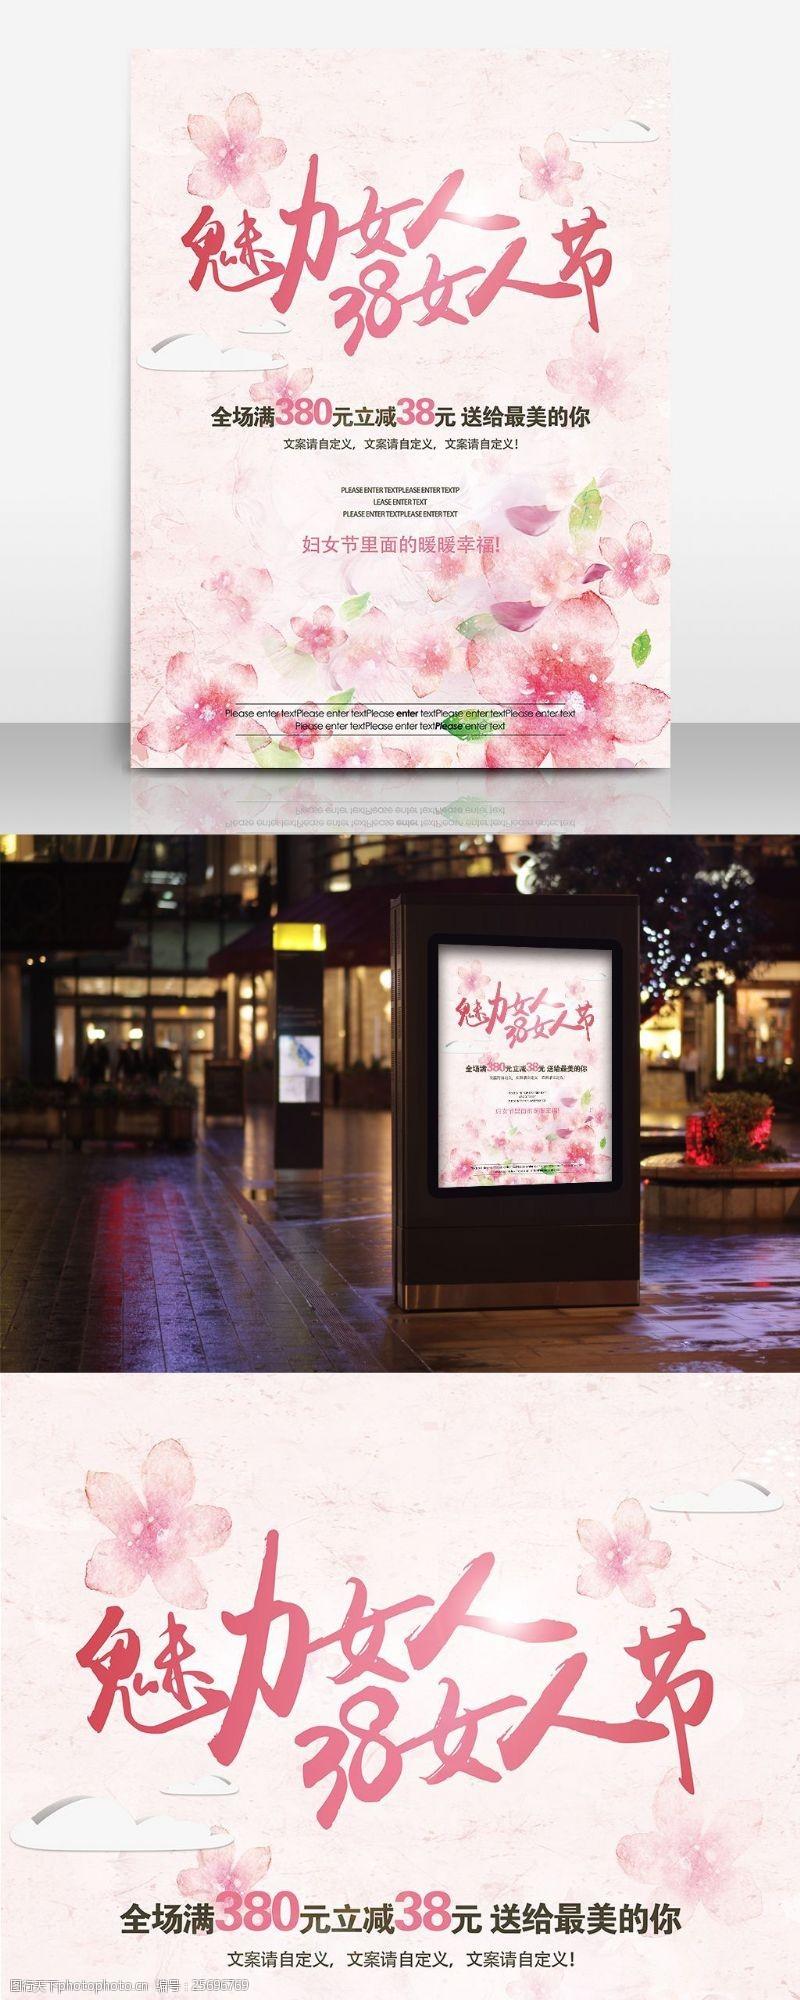 三八节宣传魅力女人38女人节平面促销节日海报